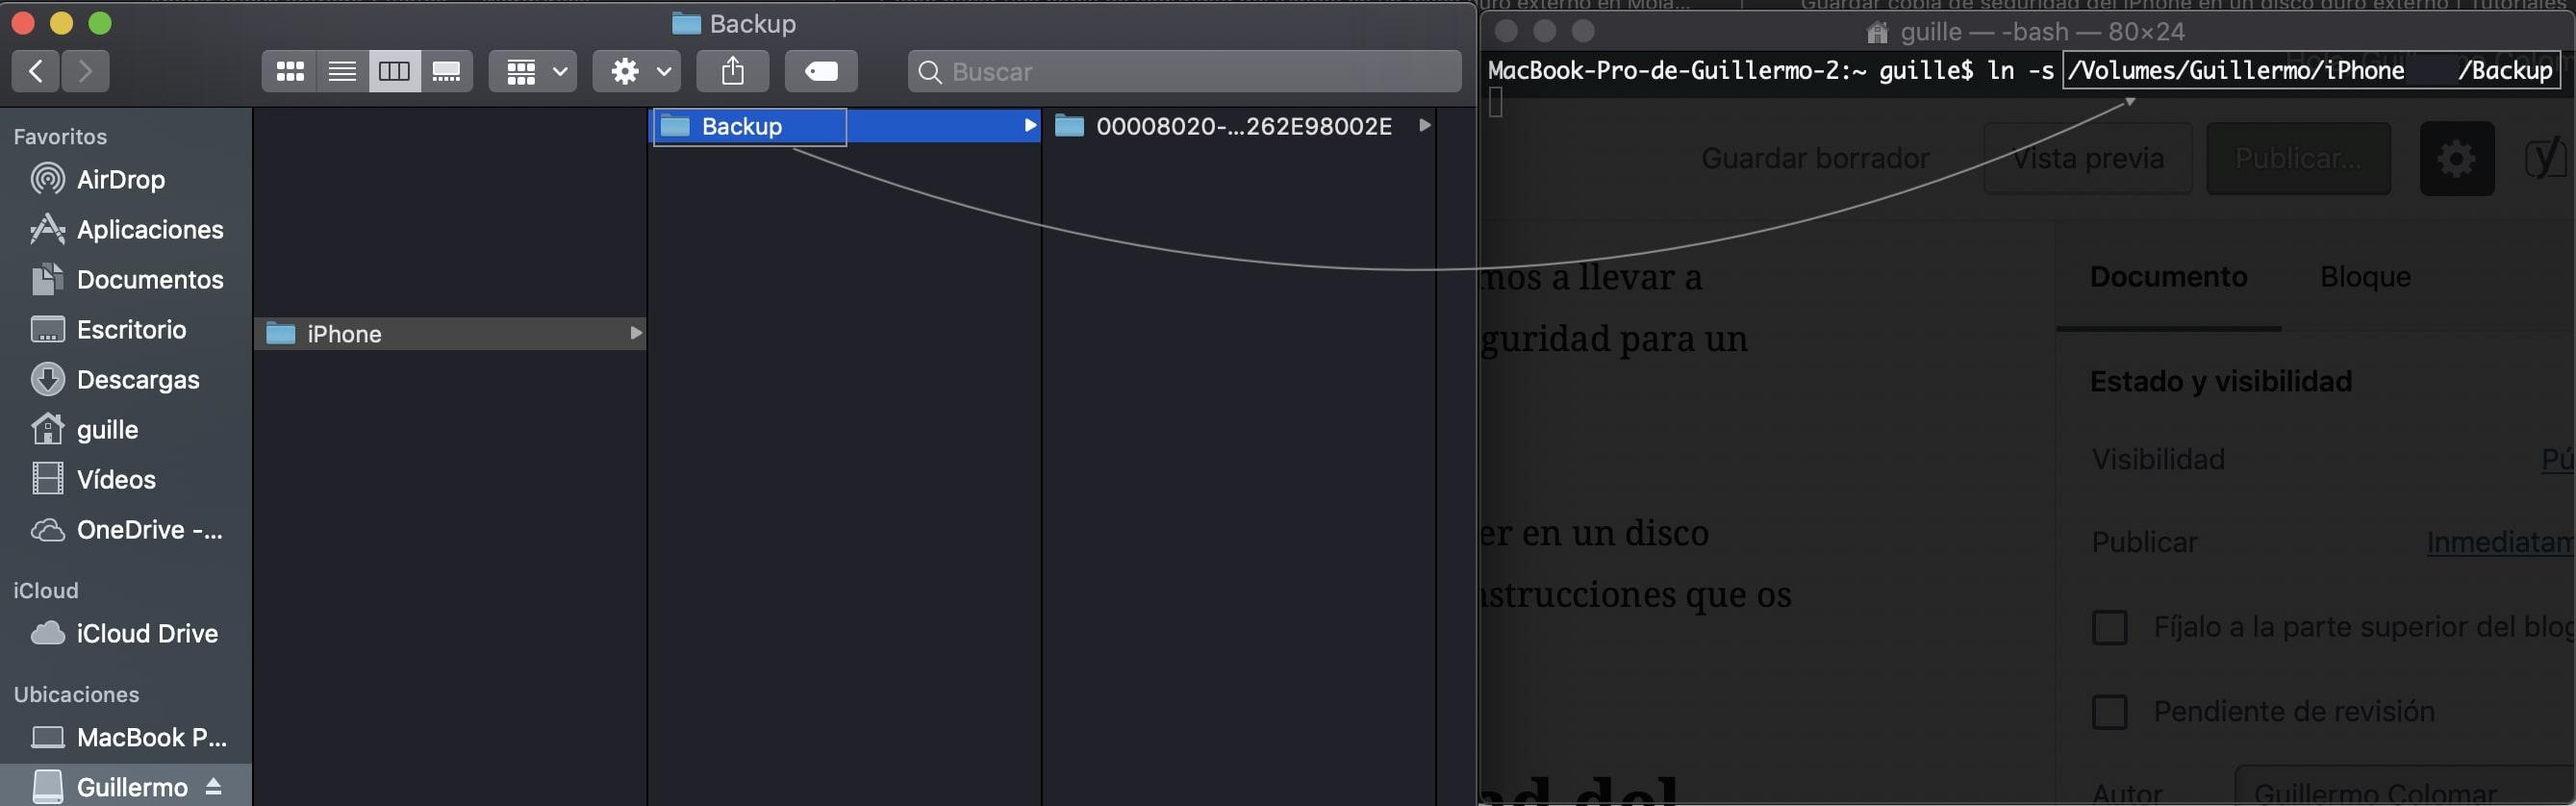 copia de seguridad del iPhone en un disco duro terminal